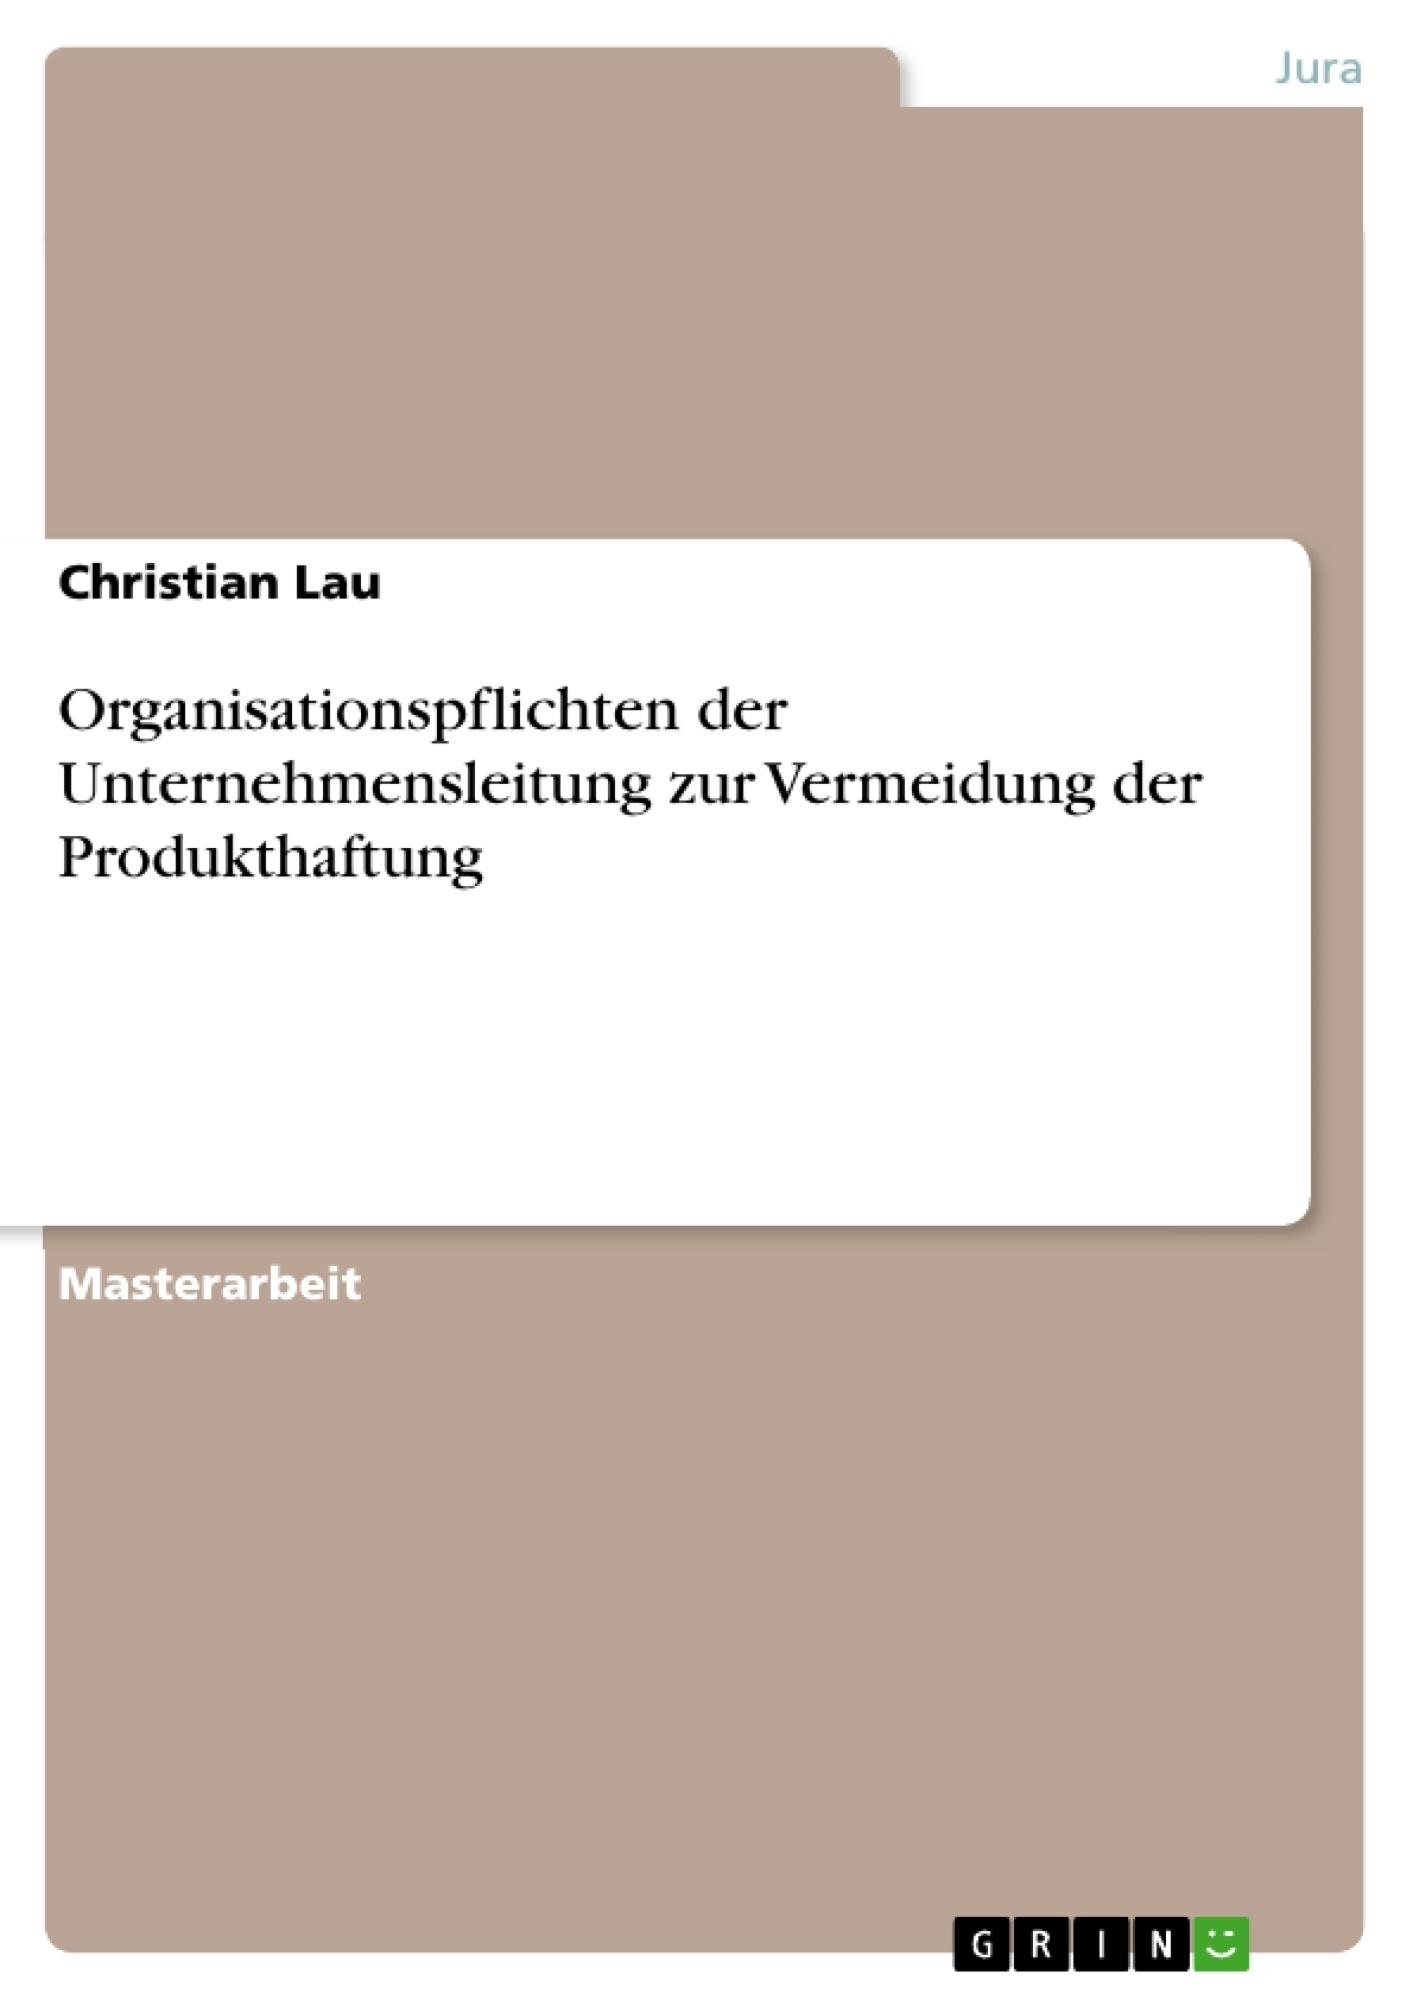 Titel: Organisationspflichten der Unternehmensleitung zur Vermeidung der Produkthaftung